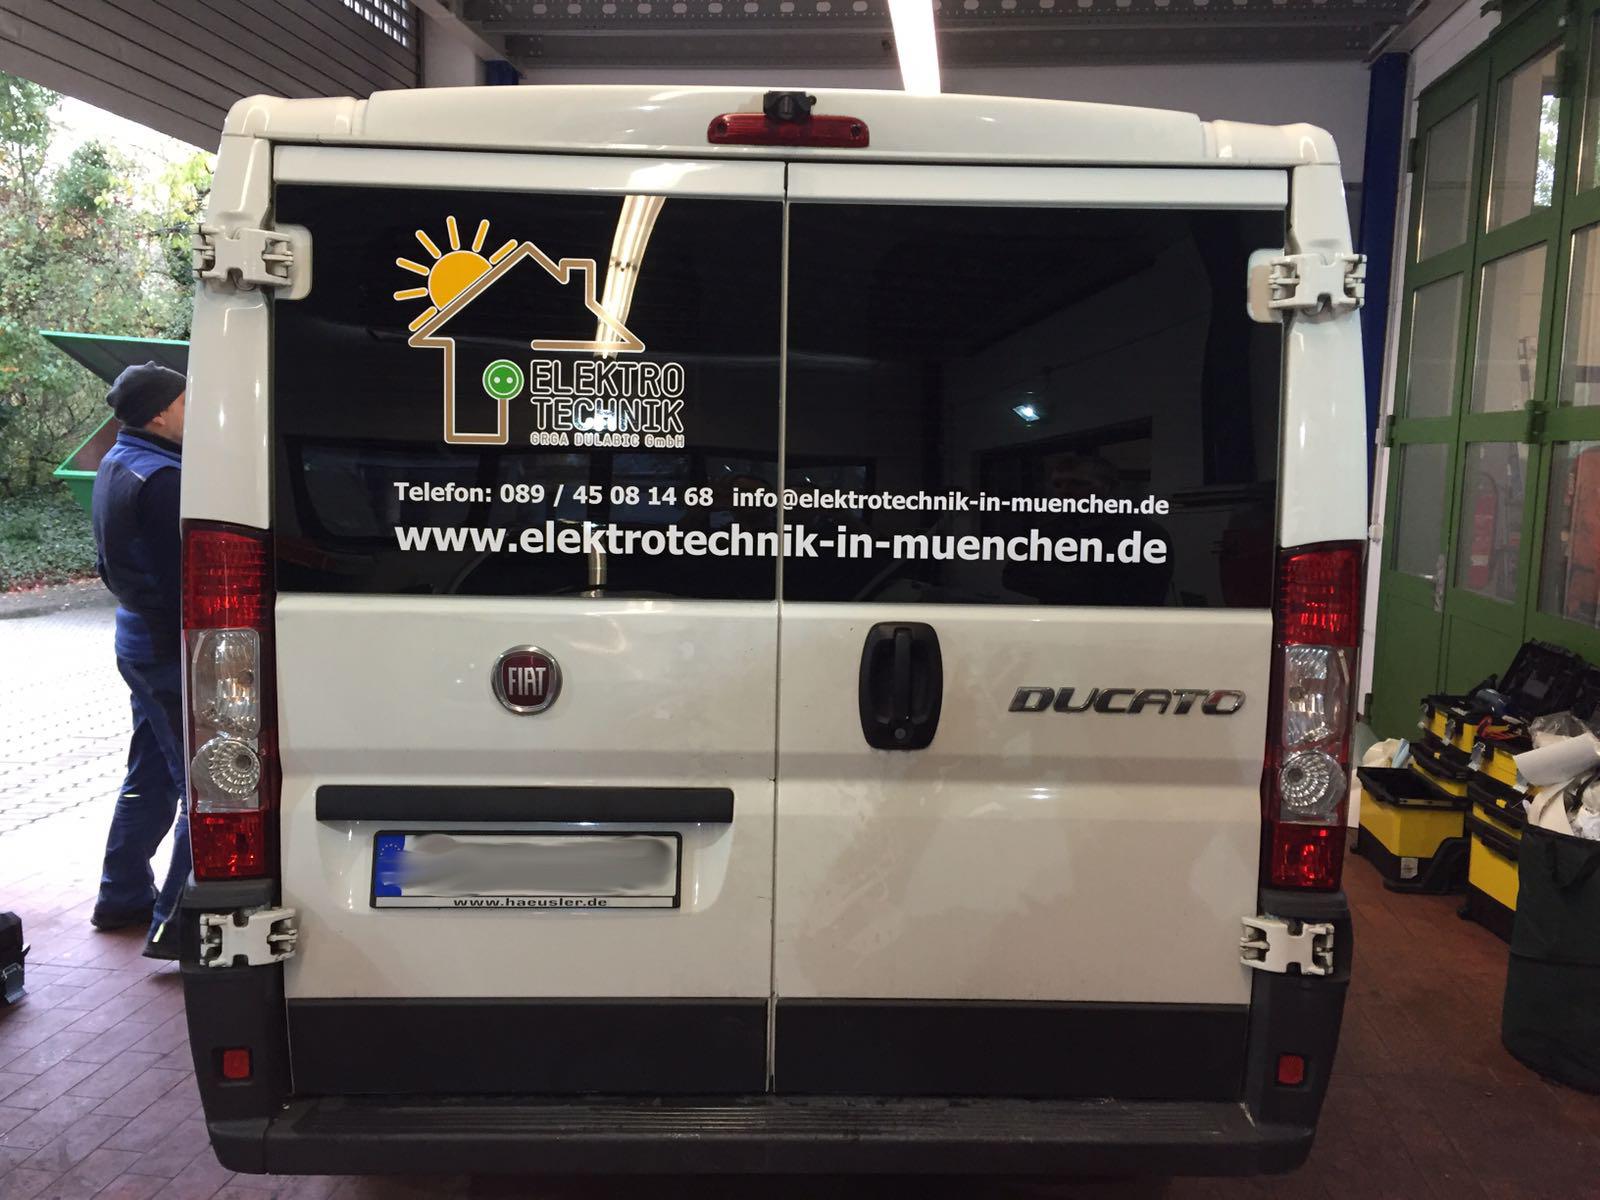 Autobeschriftung_Folie_Beklebung_Branding_Ingolstadt_4